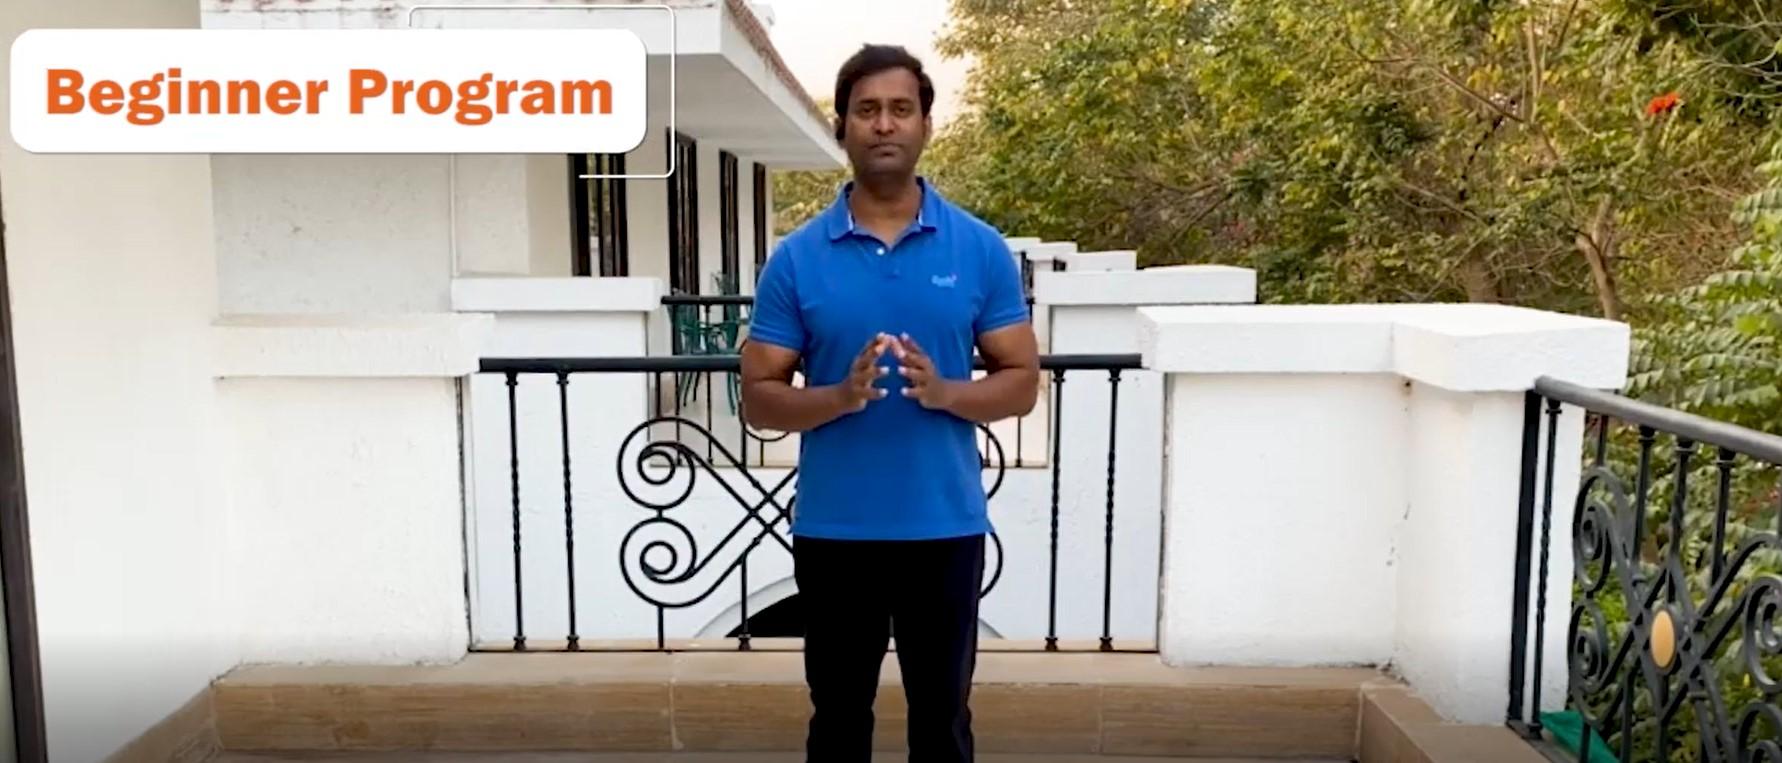 Vinod Channa Beginners Exercise